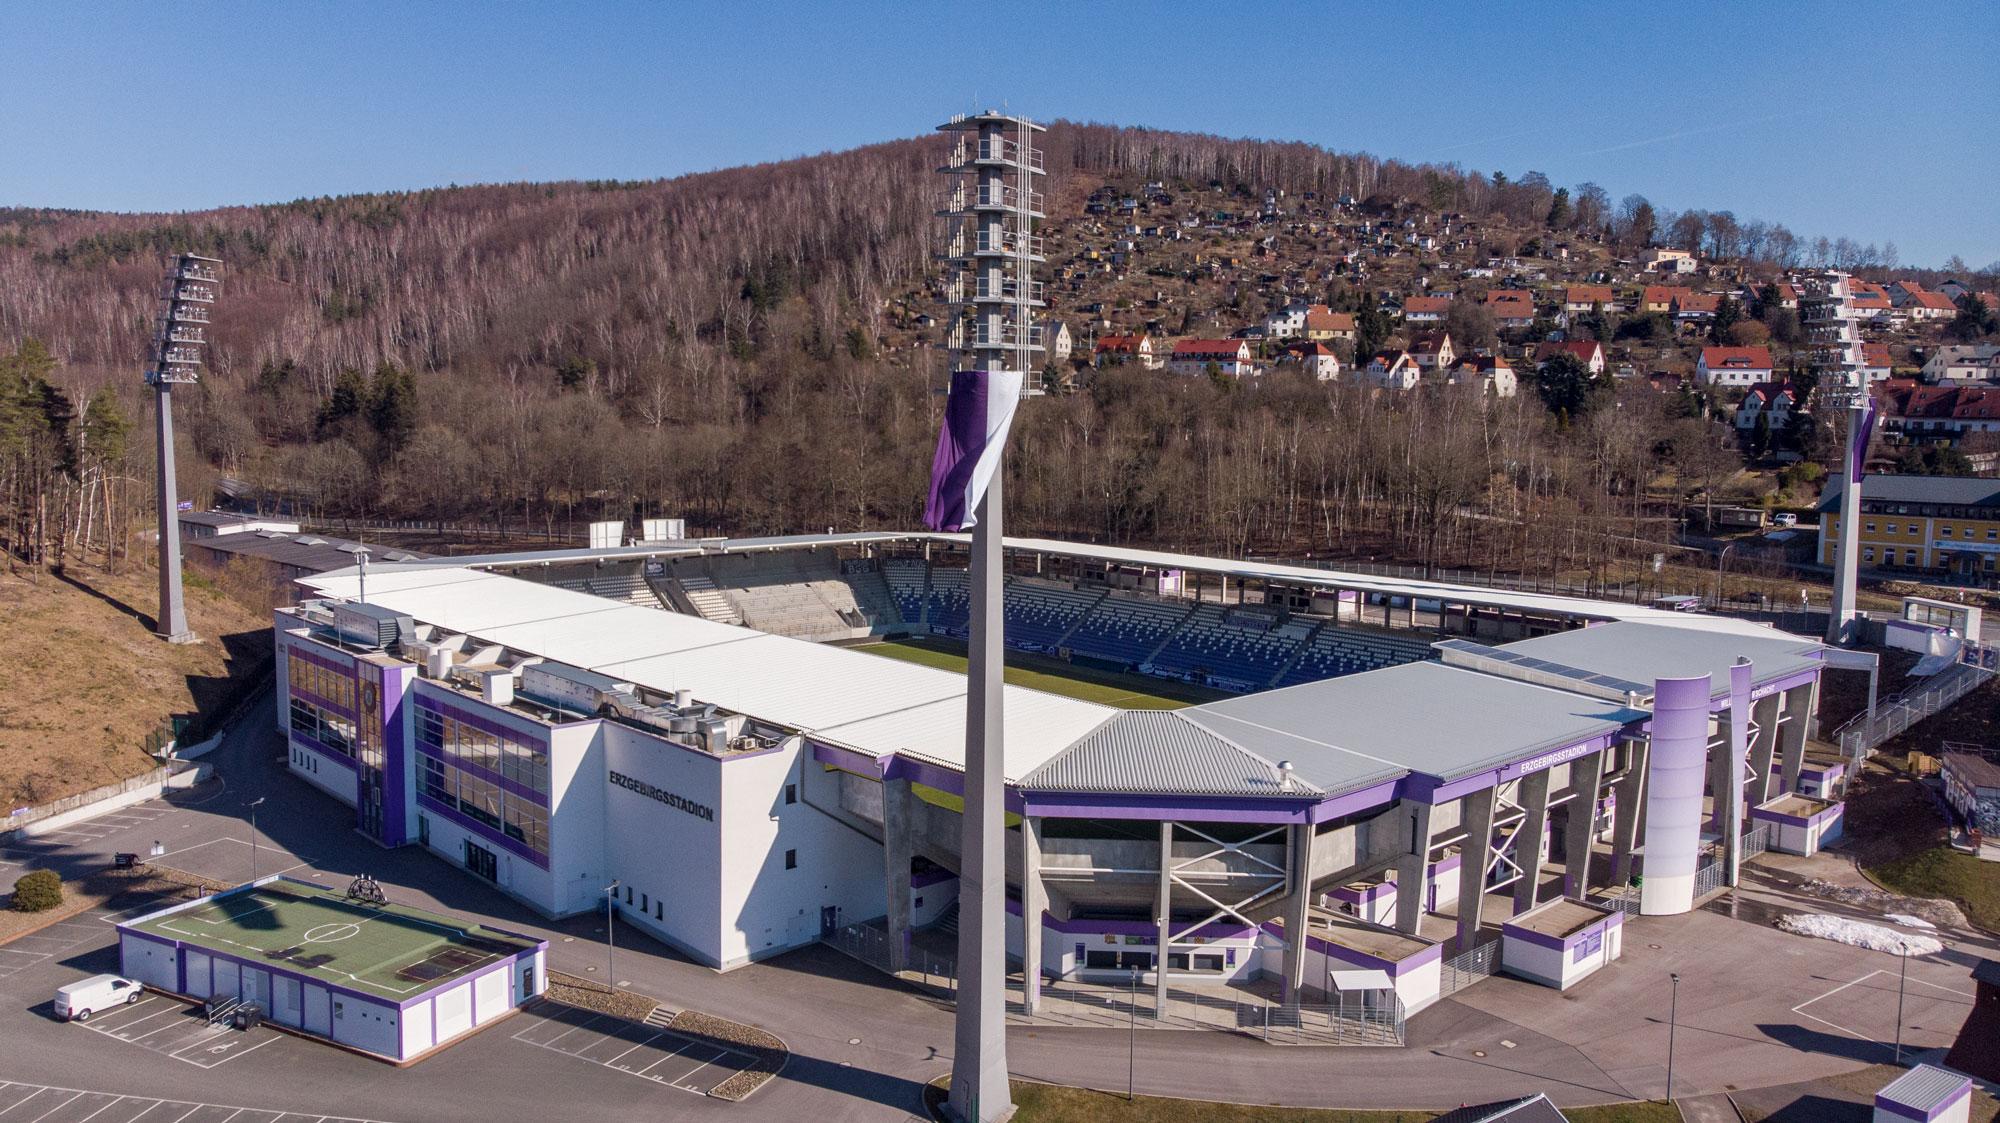 Erzgebirgsstadion Aue